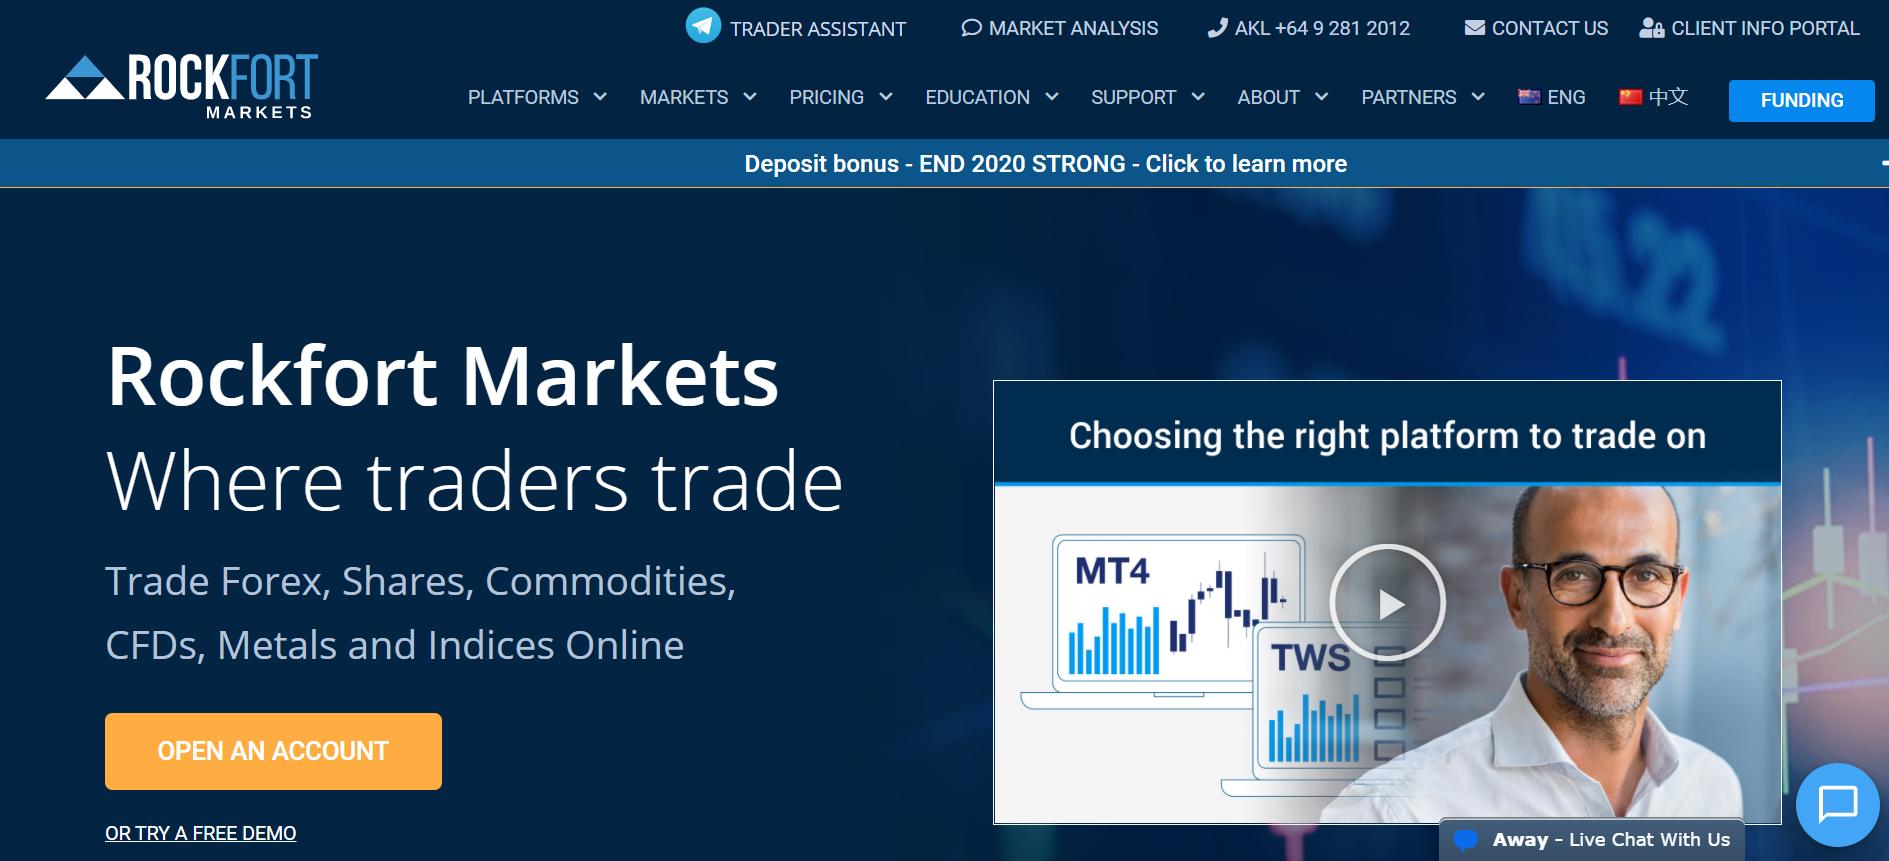 Rockfort Markets Ltd web